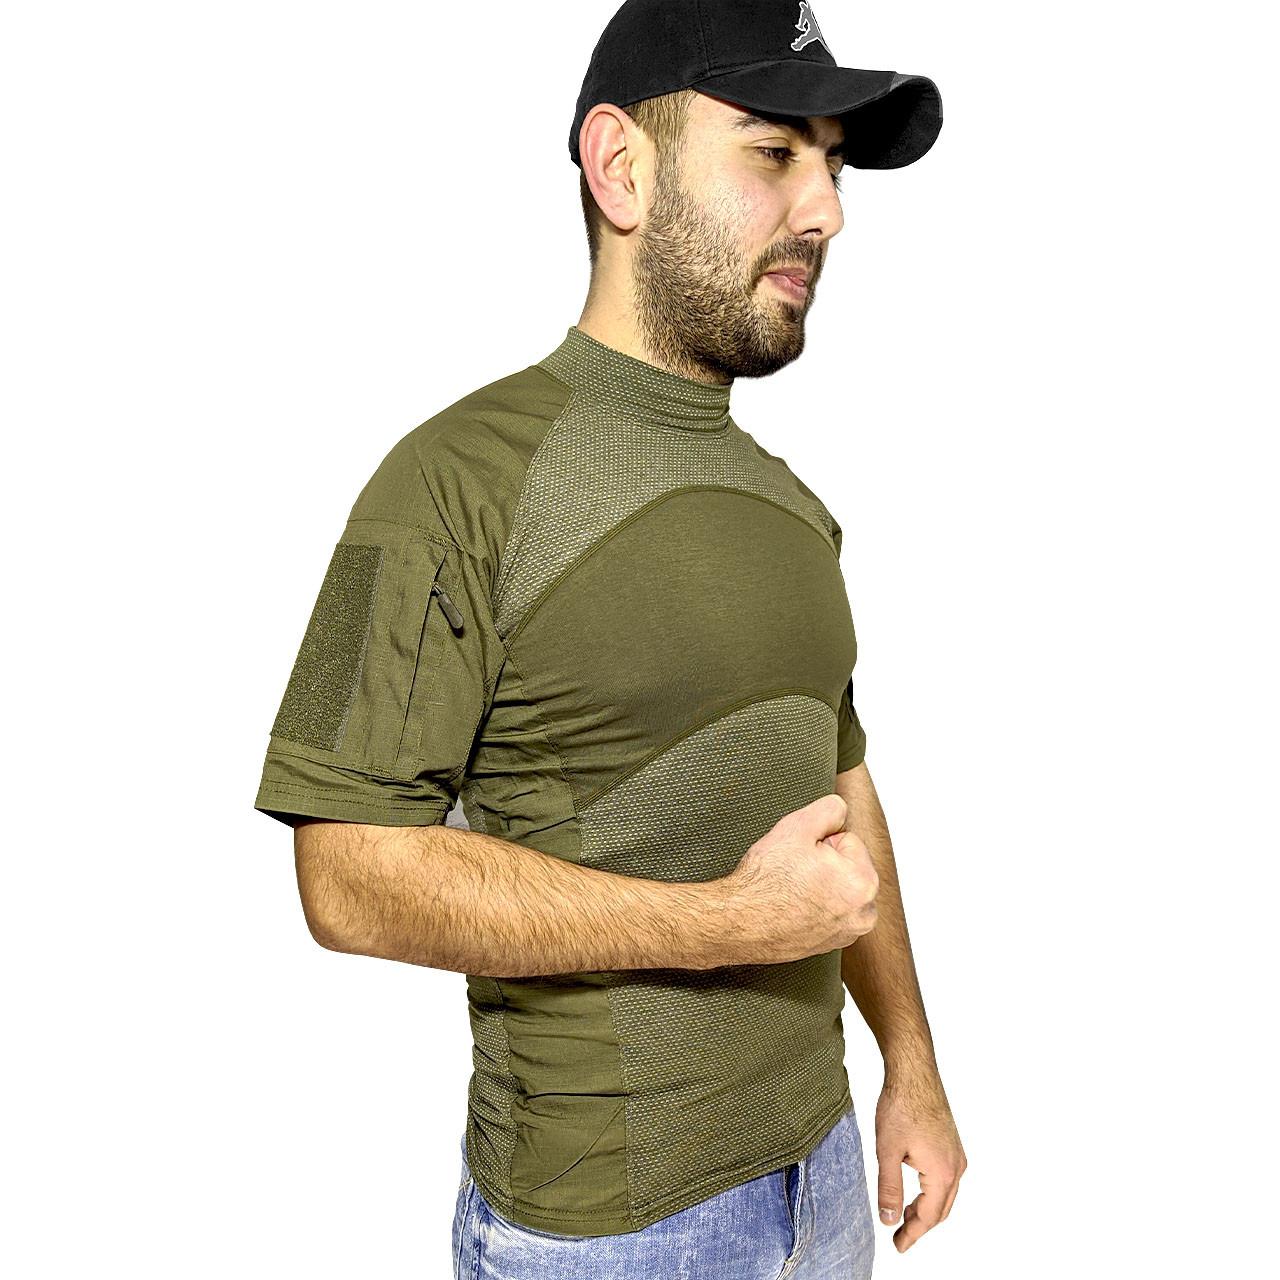 Тактическая футболка с коротким рукавом Lesko A424 Green XL мужская армейская камуфляжная с карманами военная